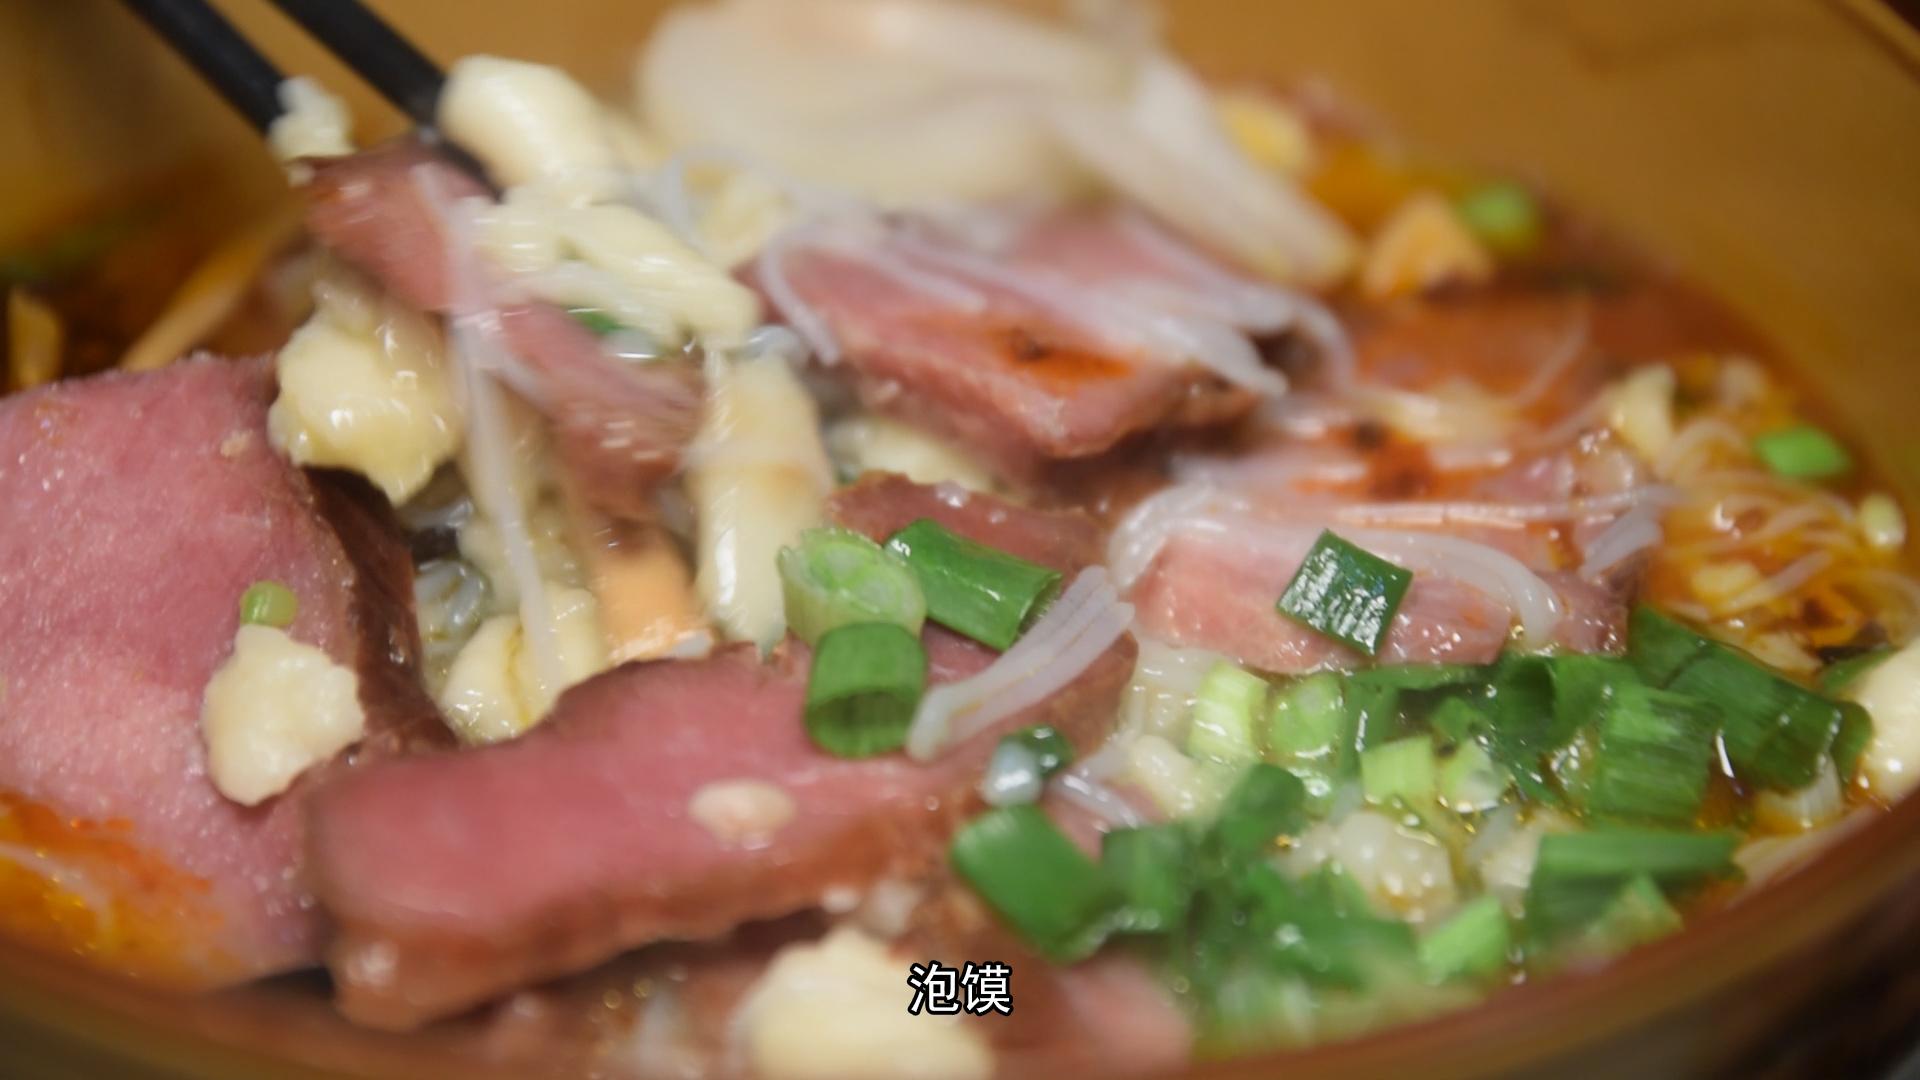 【老司马的日常食堂】大冬天的一碗牛肉泡馍爽